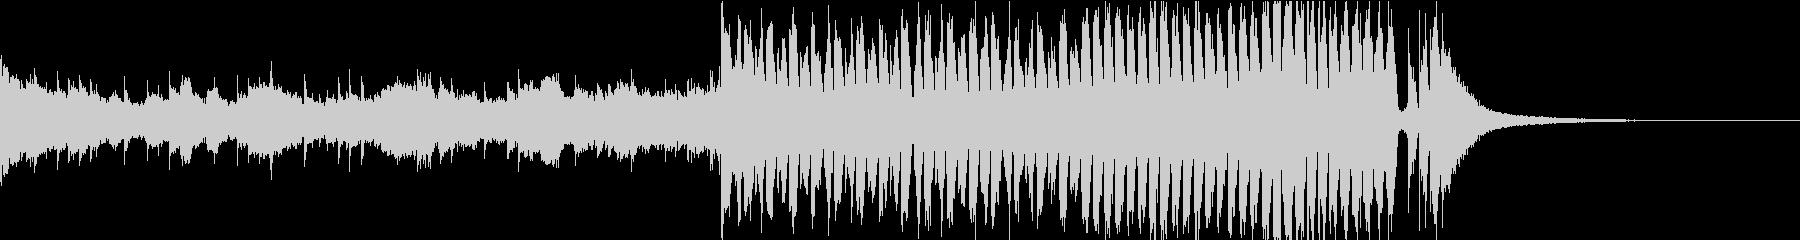 感動的・明るいFuture Bass cの未再生の波形